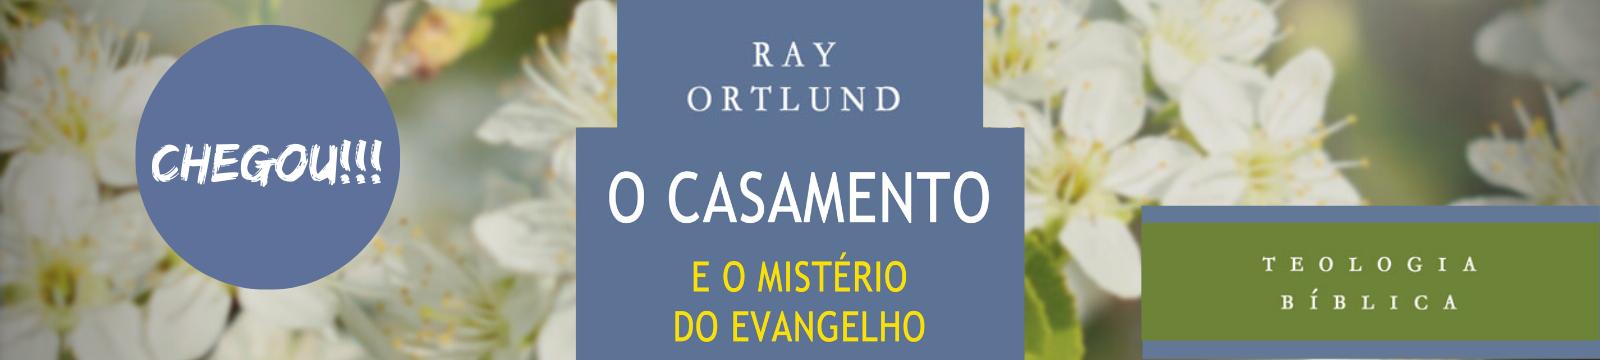 CASAMENTO E O MISTÉRIO DO EVANGELHO, O